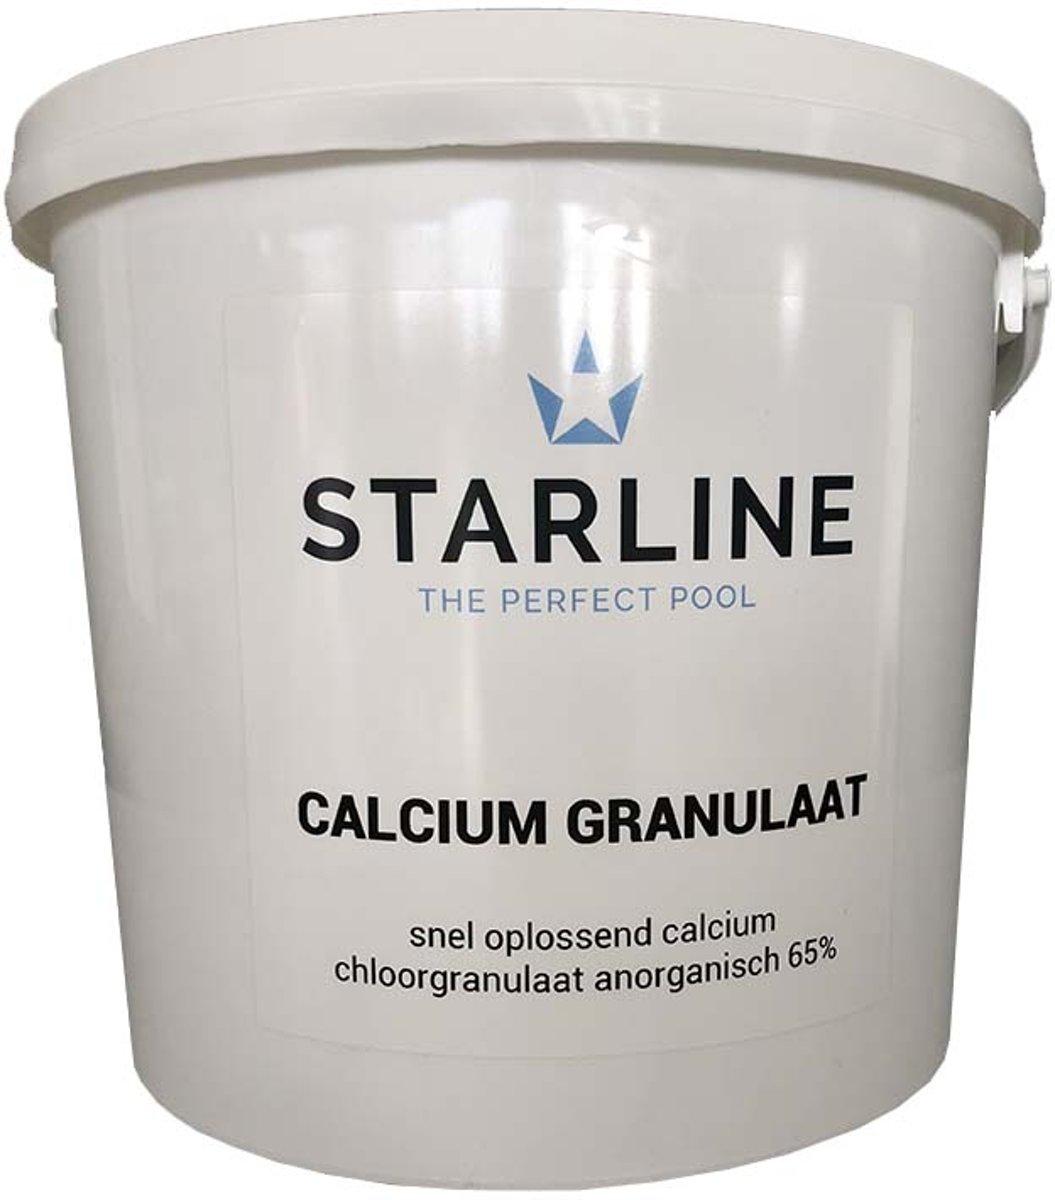 Starline Calcium Chloorgranulaat - 65% - 5Kg